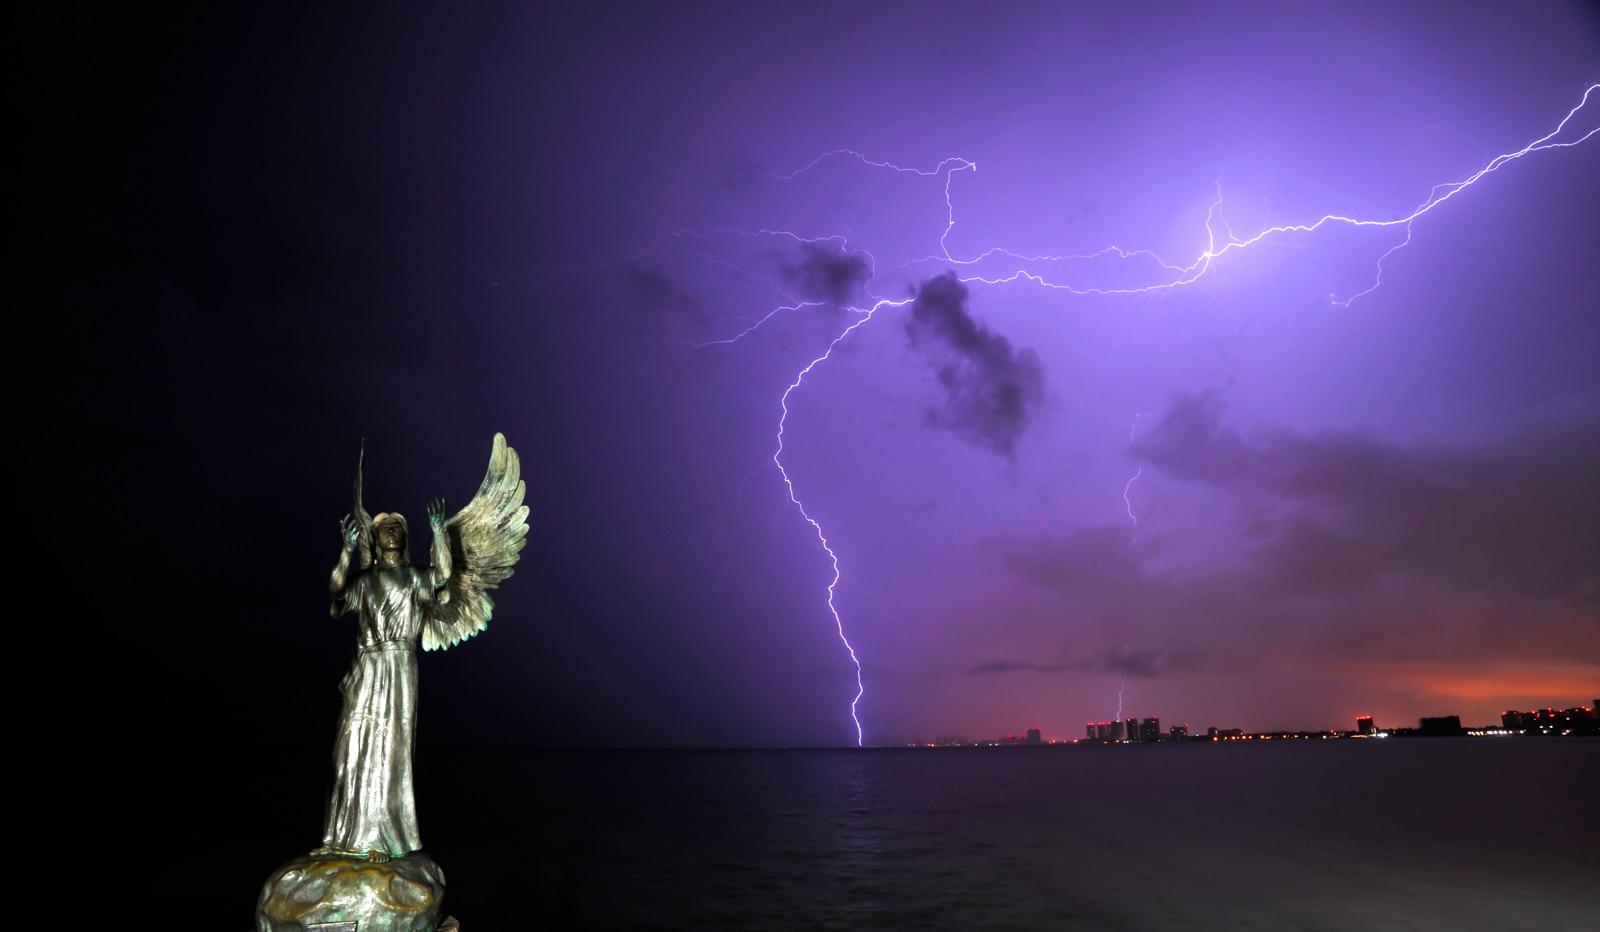 fotografía de una estatua con un rayo